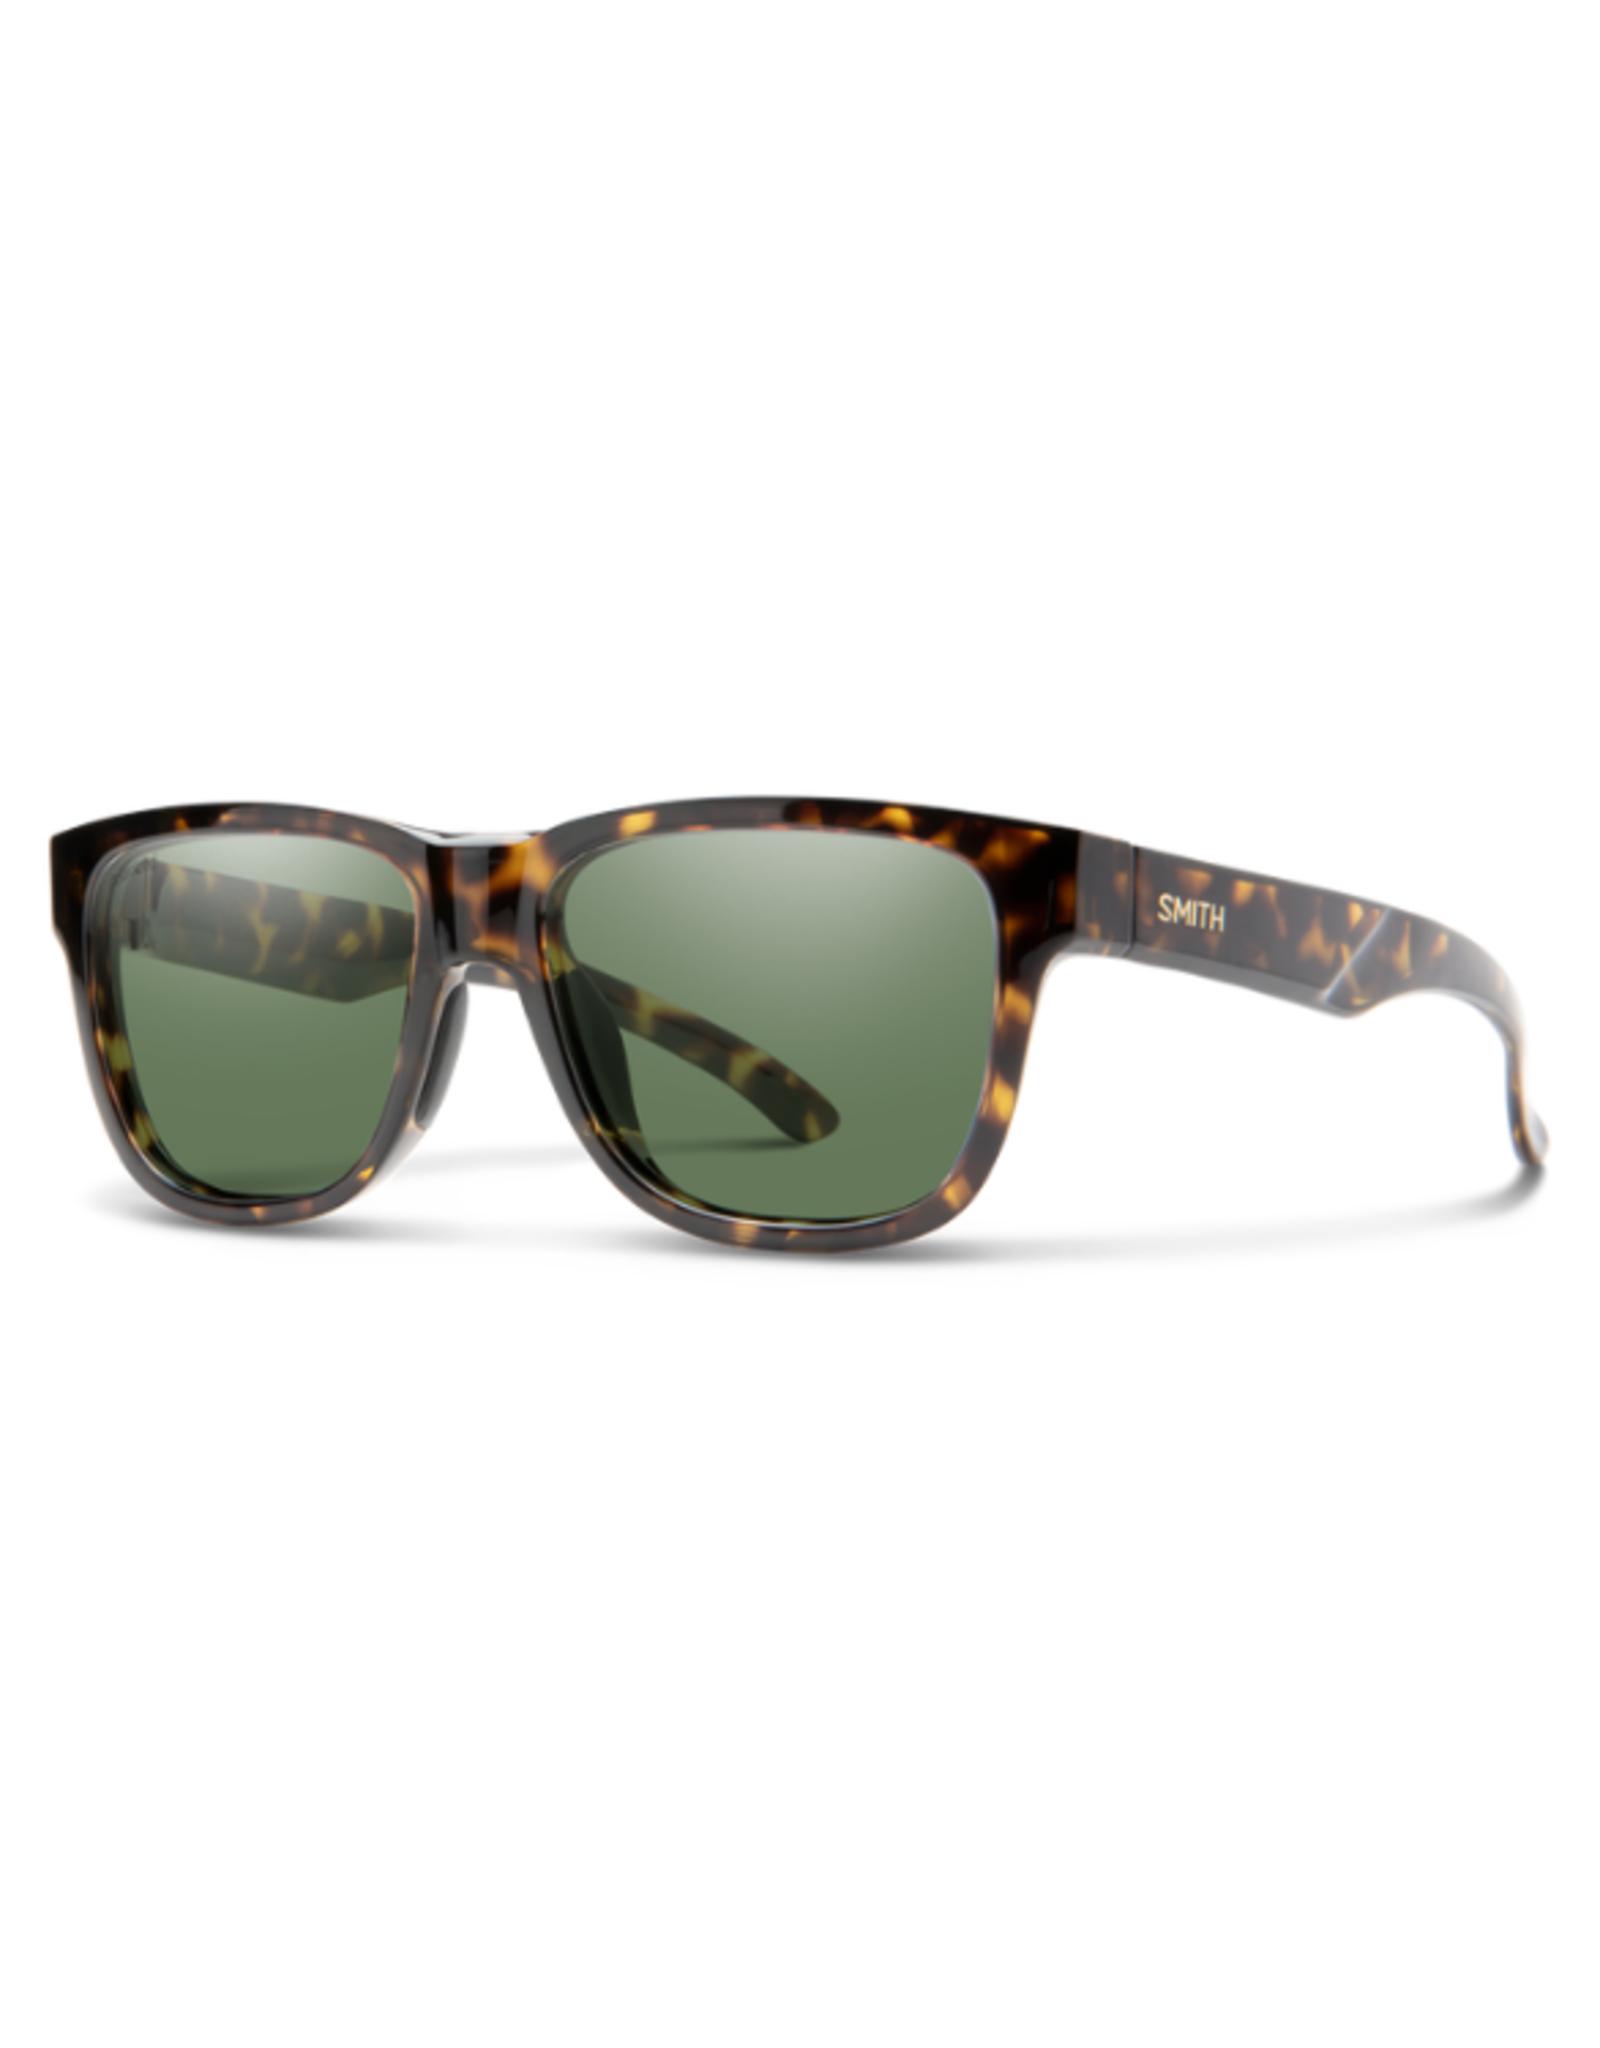 Smith Optics Smith Lowdown Slim 2 Vintage Tortoise Polarized Gray Green